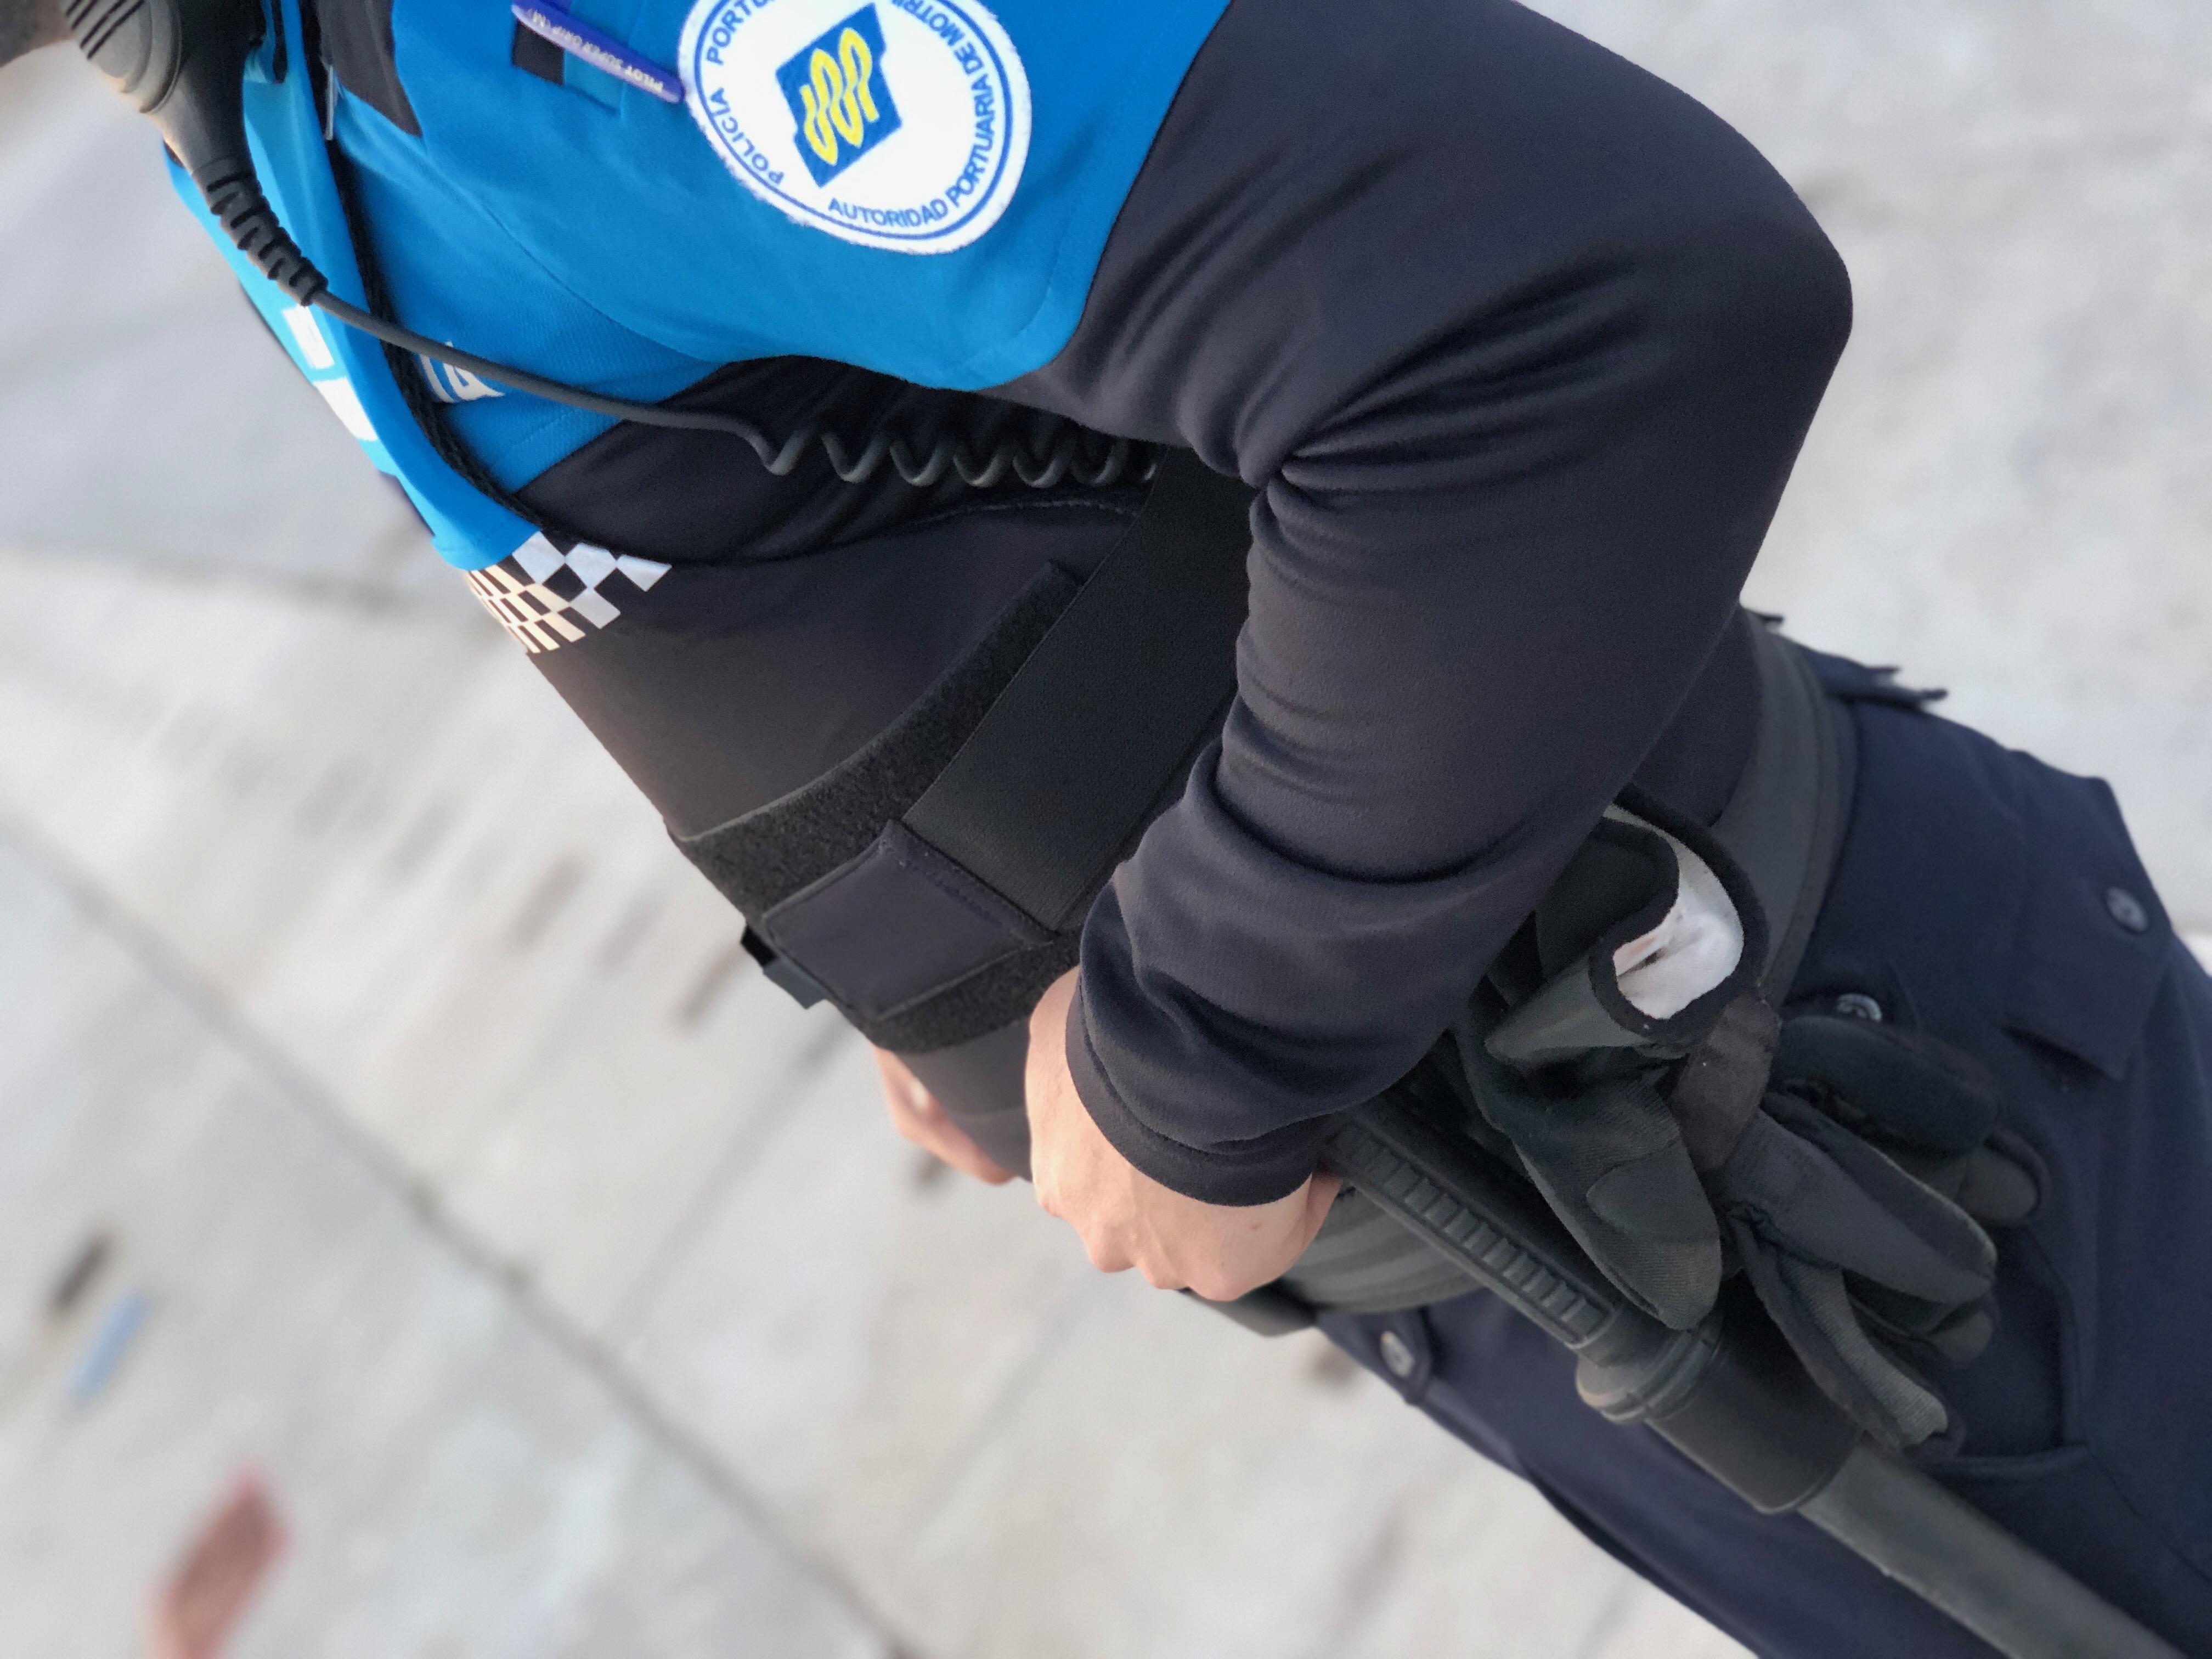 UN POLICÍA PORTUARIO CON EL CHALECO ANTIBALAS